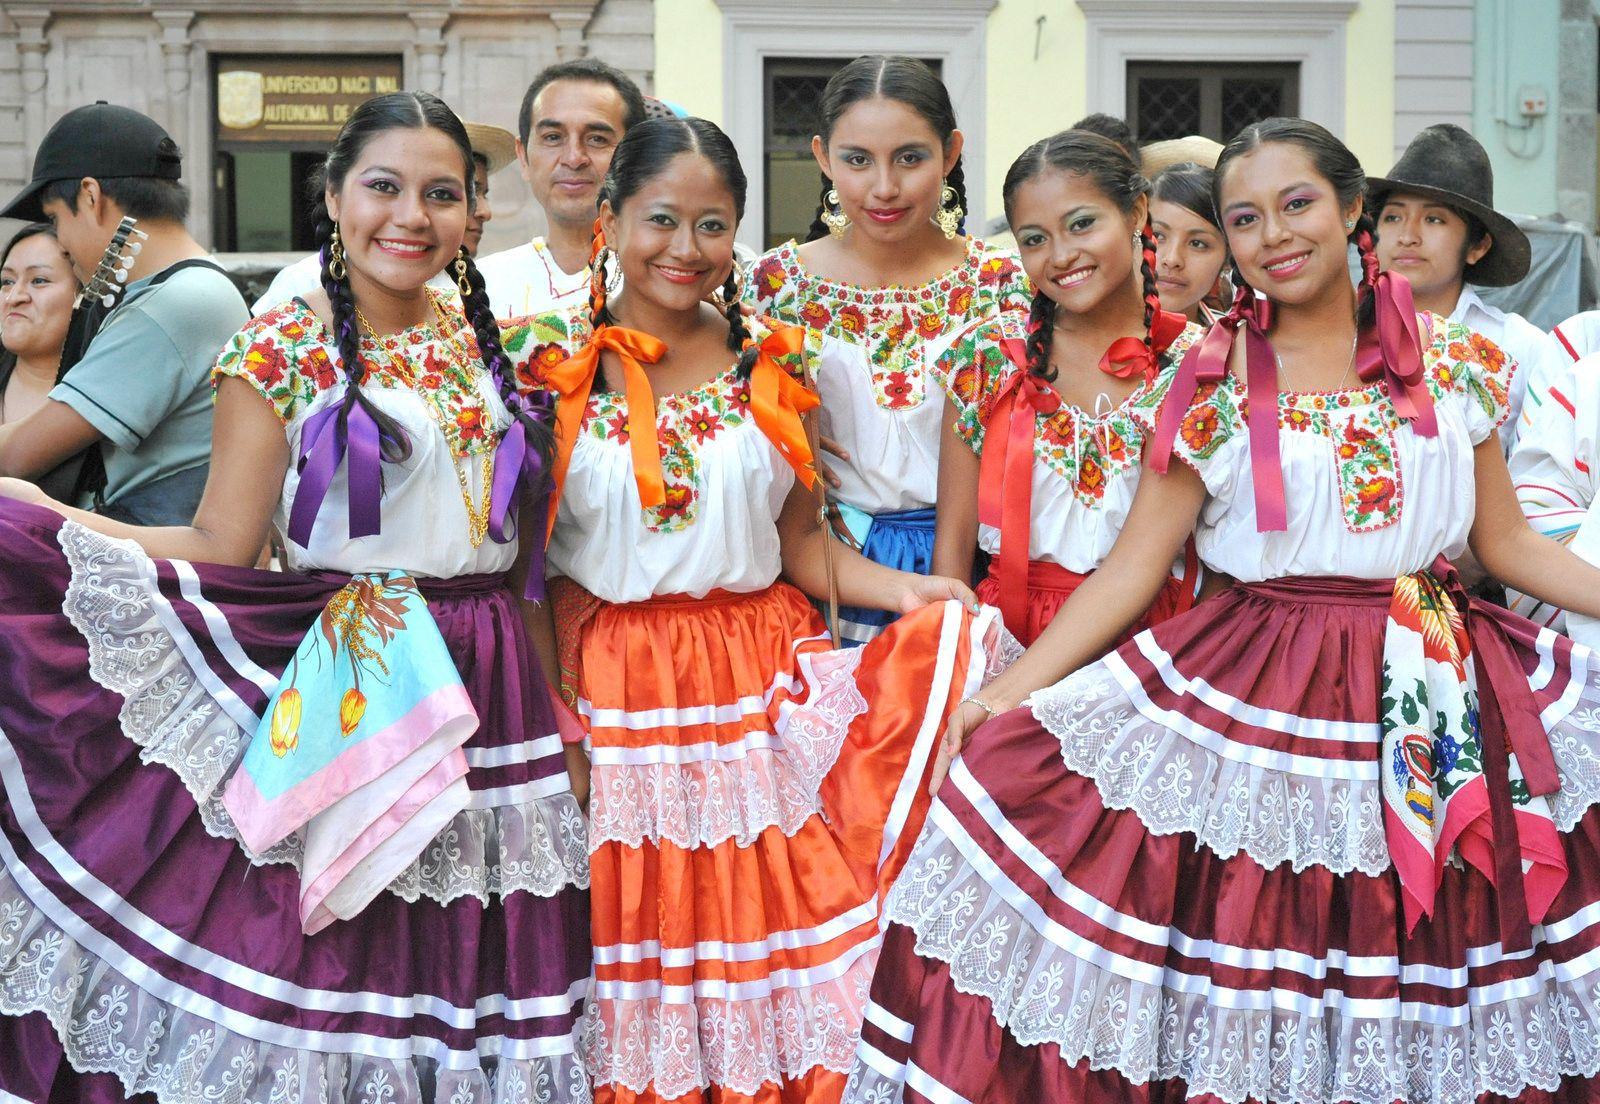 являются фото мексиканок в жизни жители страны